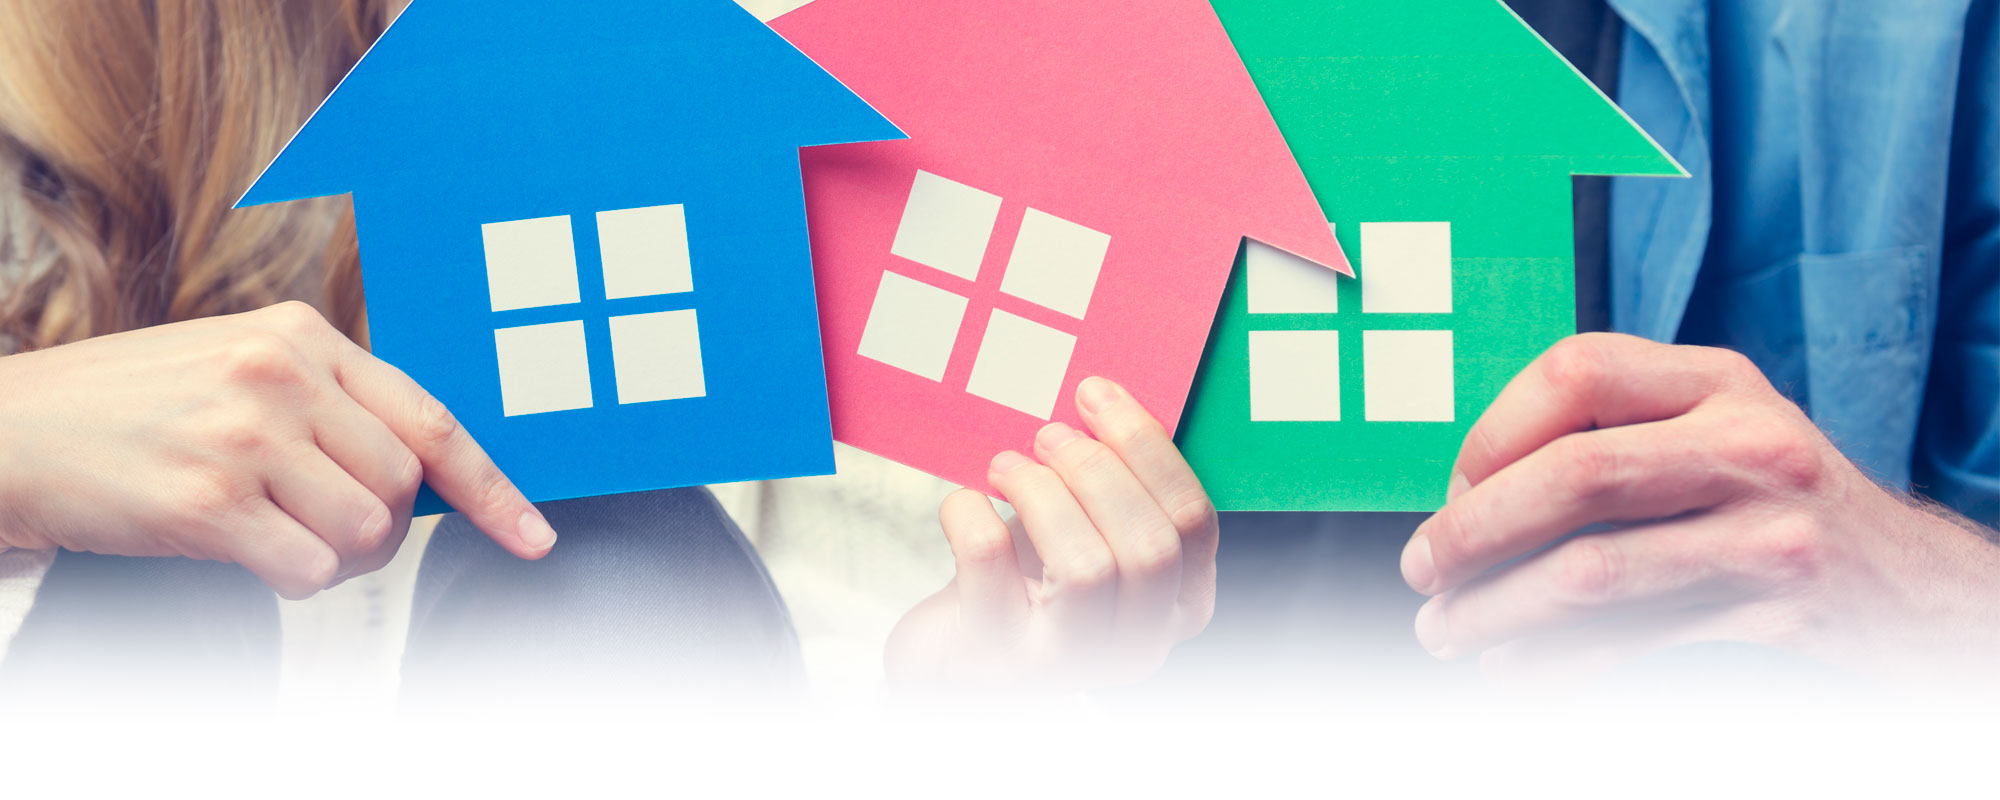 5 conseils pour faire le bon choix lors de l'achat de portes et fenêtres